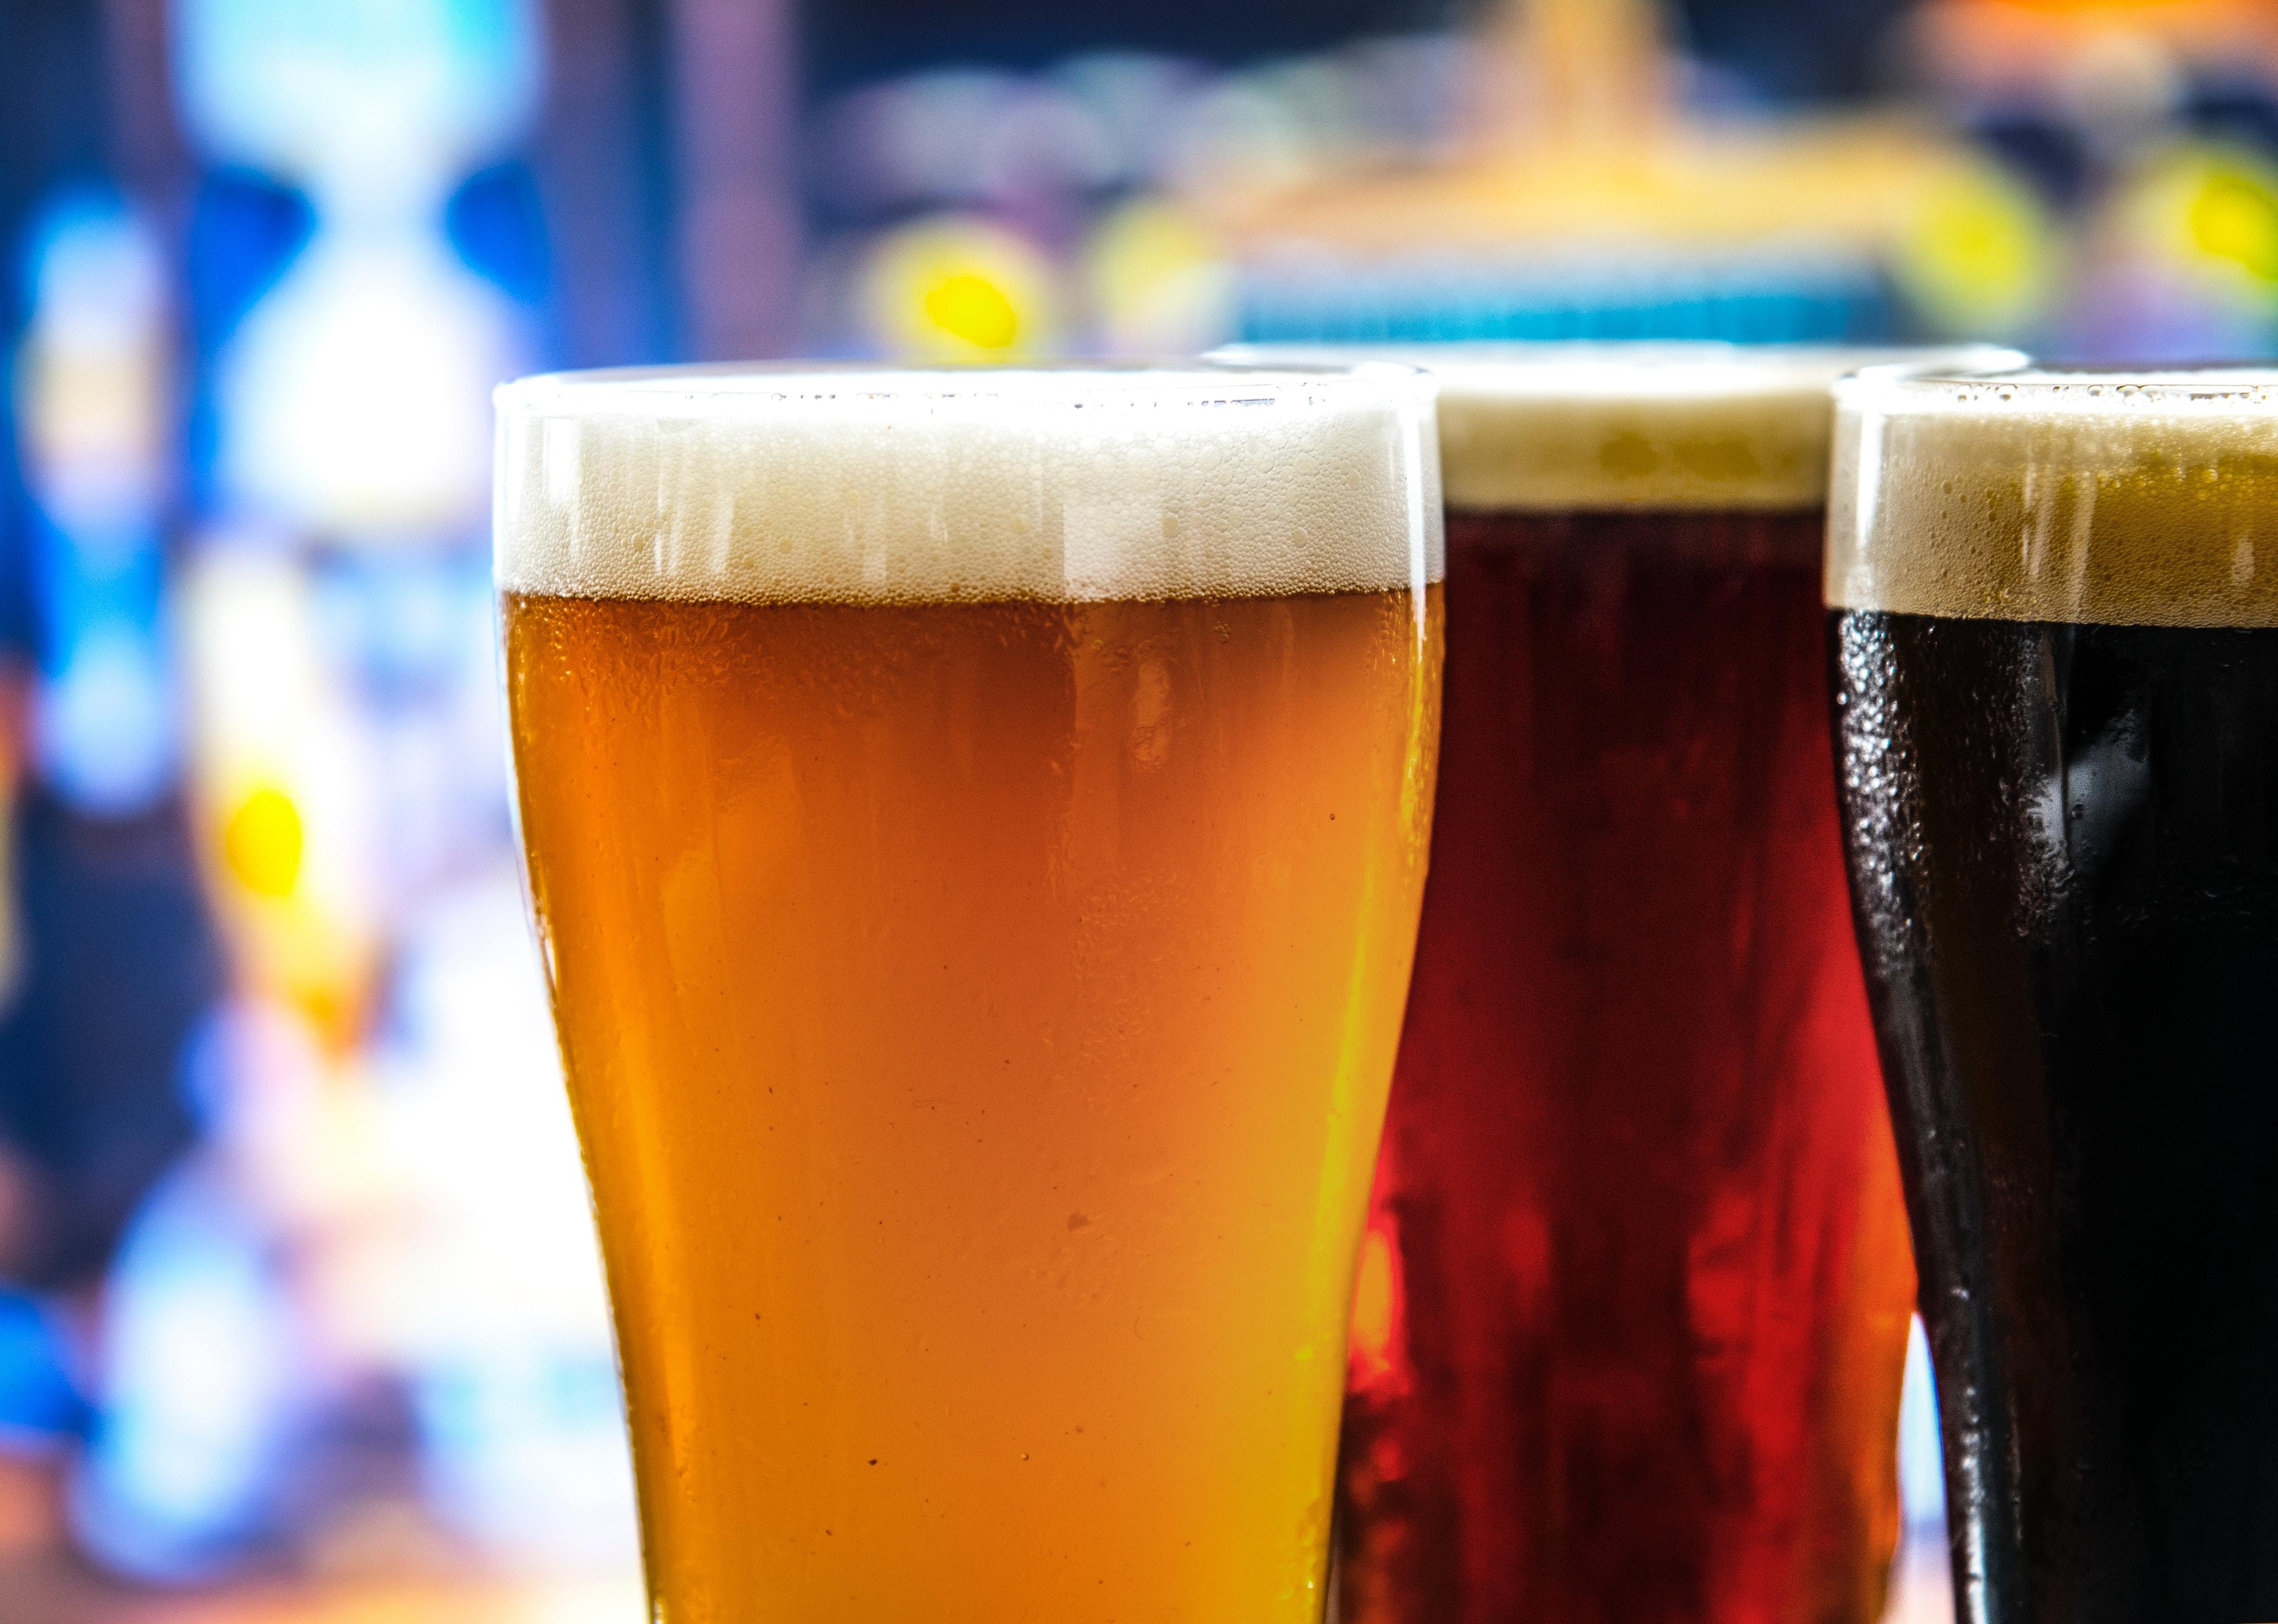 Faire de la bière avec des capsules : LG veut réinventer le noble art du brassage à la maison